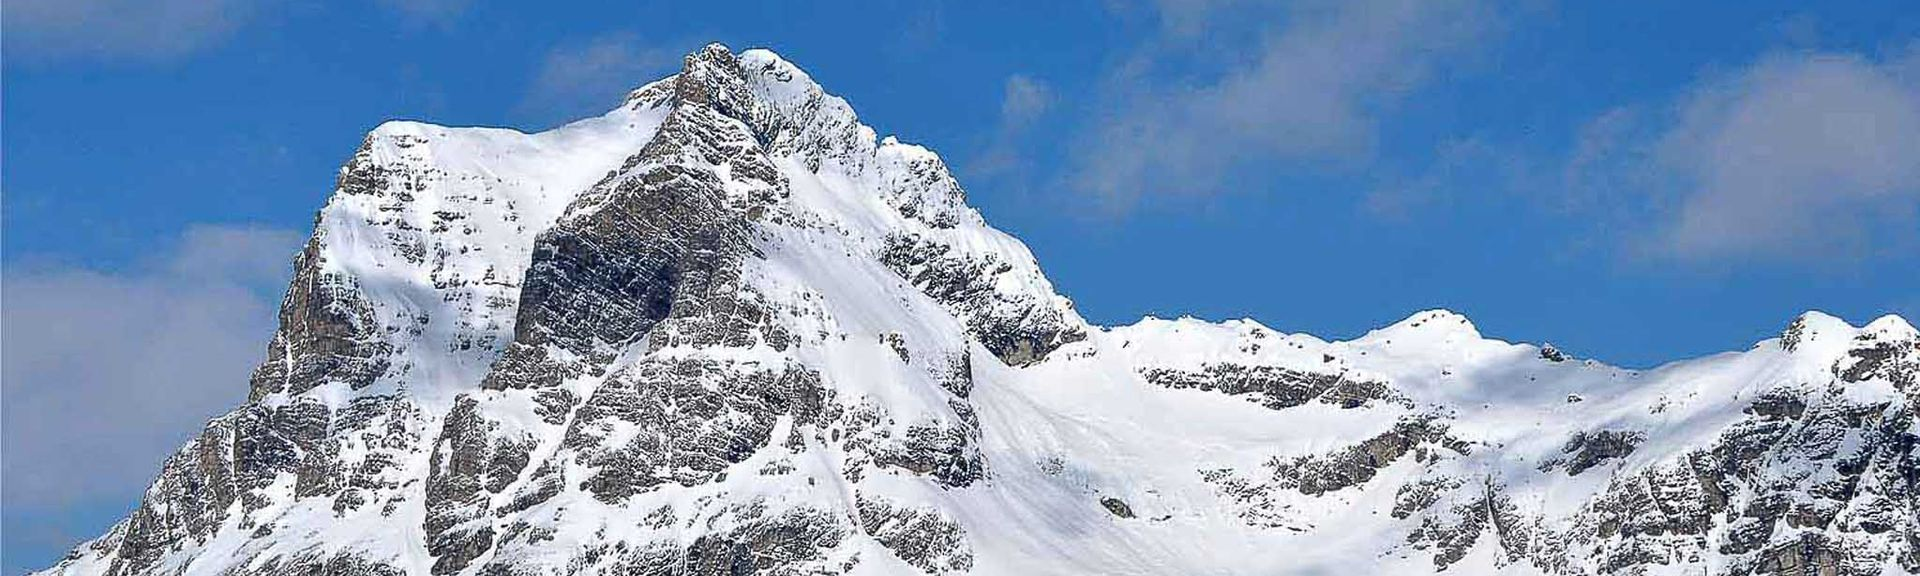 Arlberg, Lech am Arlberg, Vorarlberg, Autriche